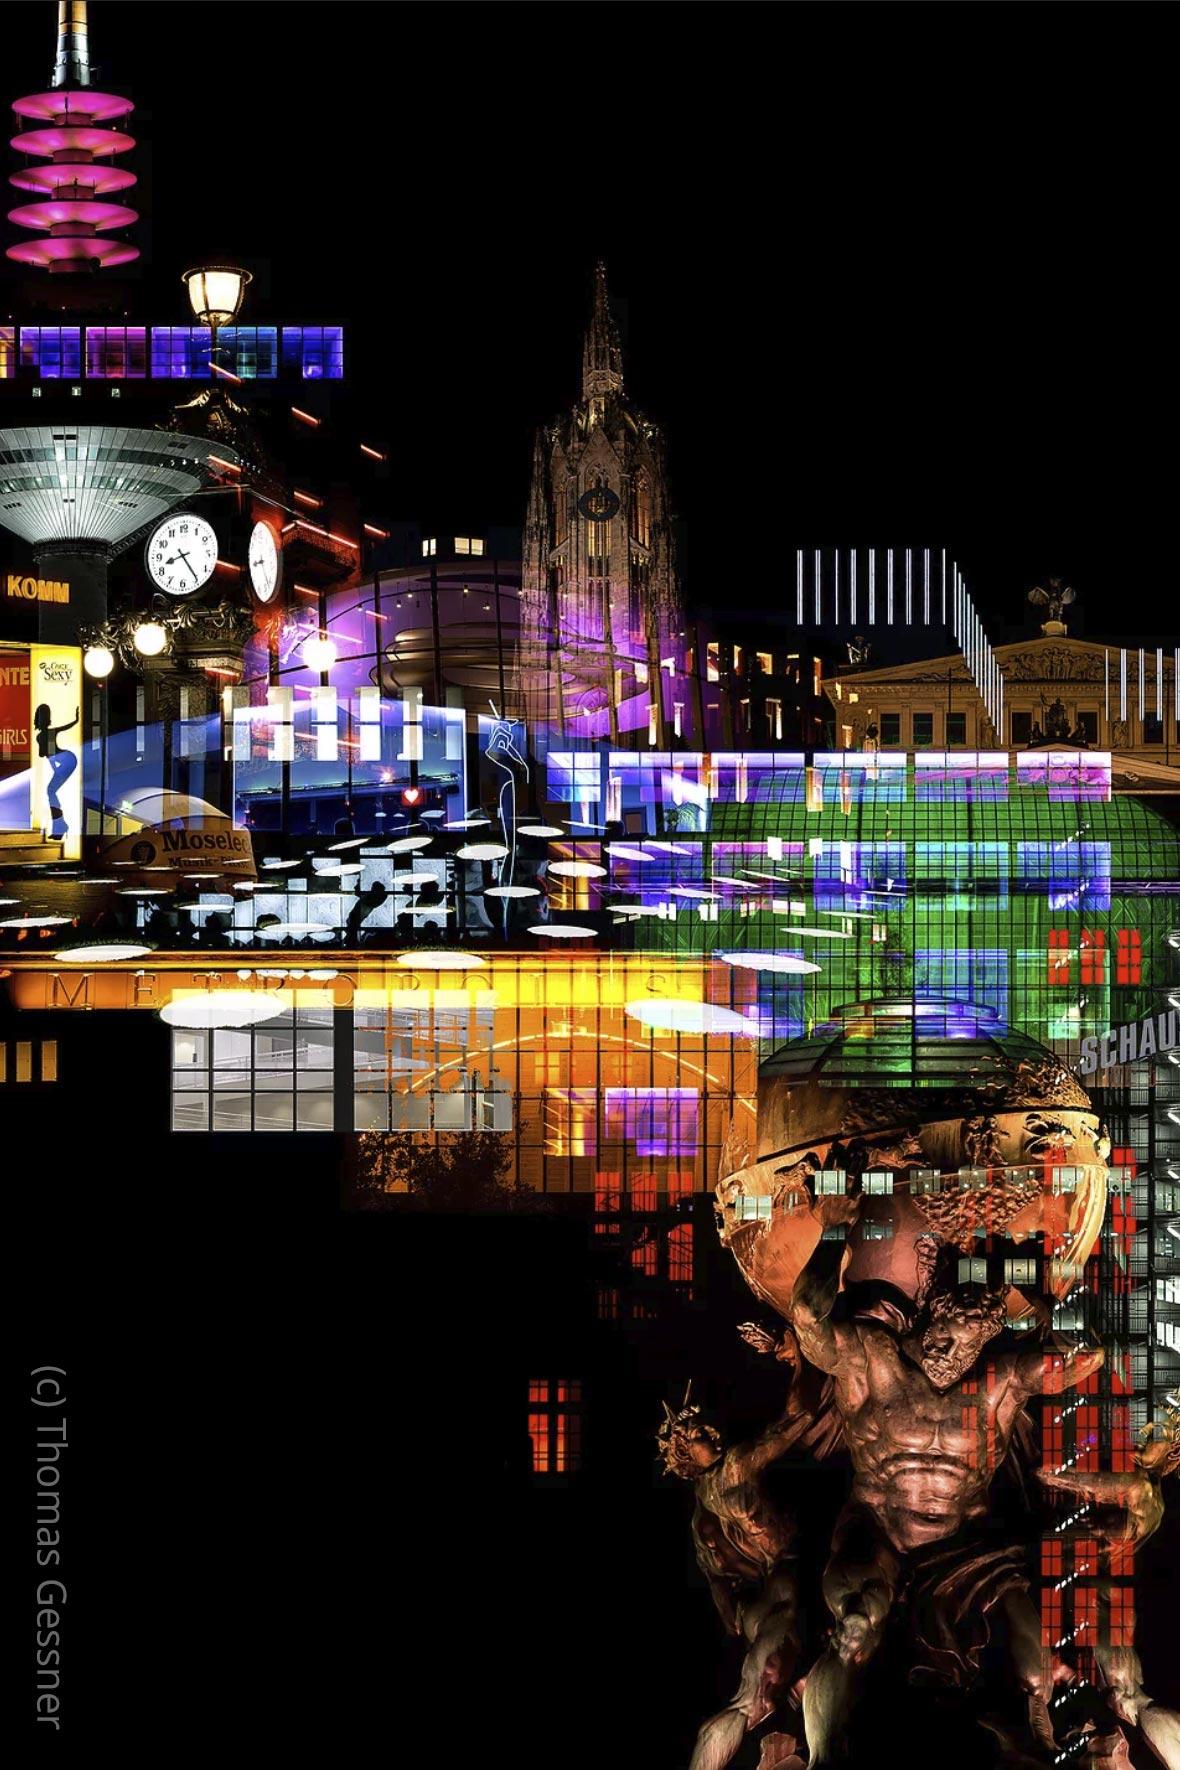 NEO NOIR - Fotokunst Frankfurt - Skyline abends - Hochhäuser in der Dunkelheit - Nachtaufnahmen der Wolkenkratzer - (c) Thomas Gessner